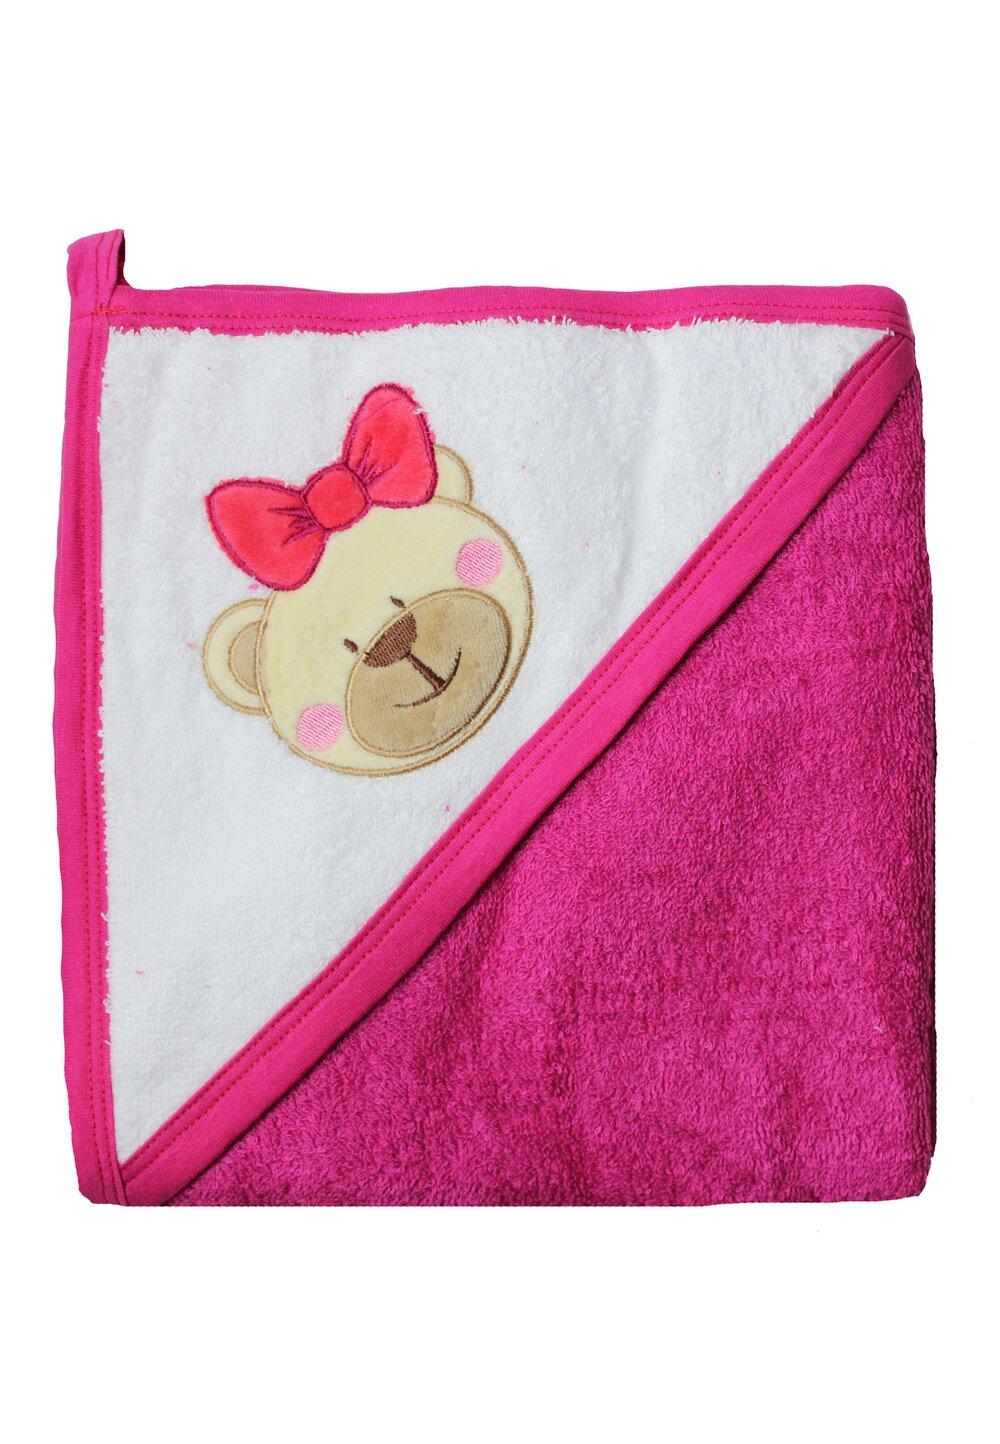 Prosop bumbac, roz inchis, ursulet, 80 x 100 cm imagine